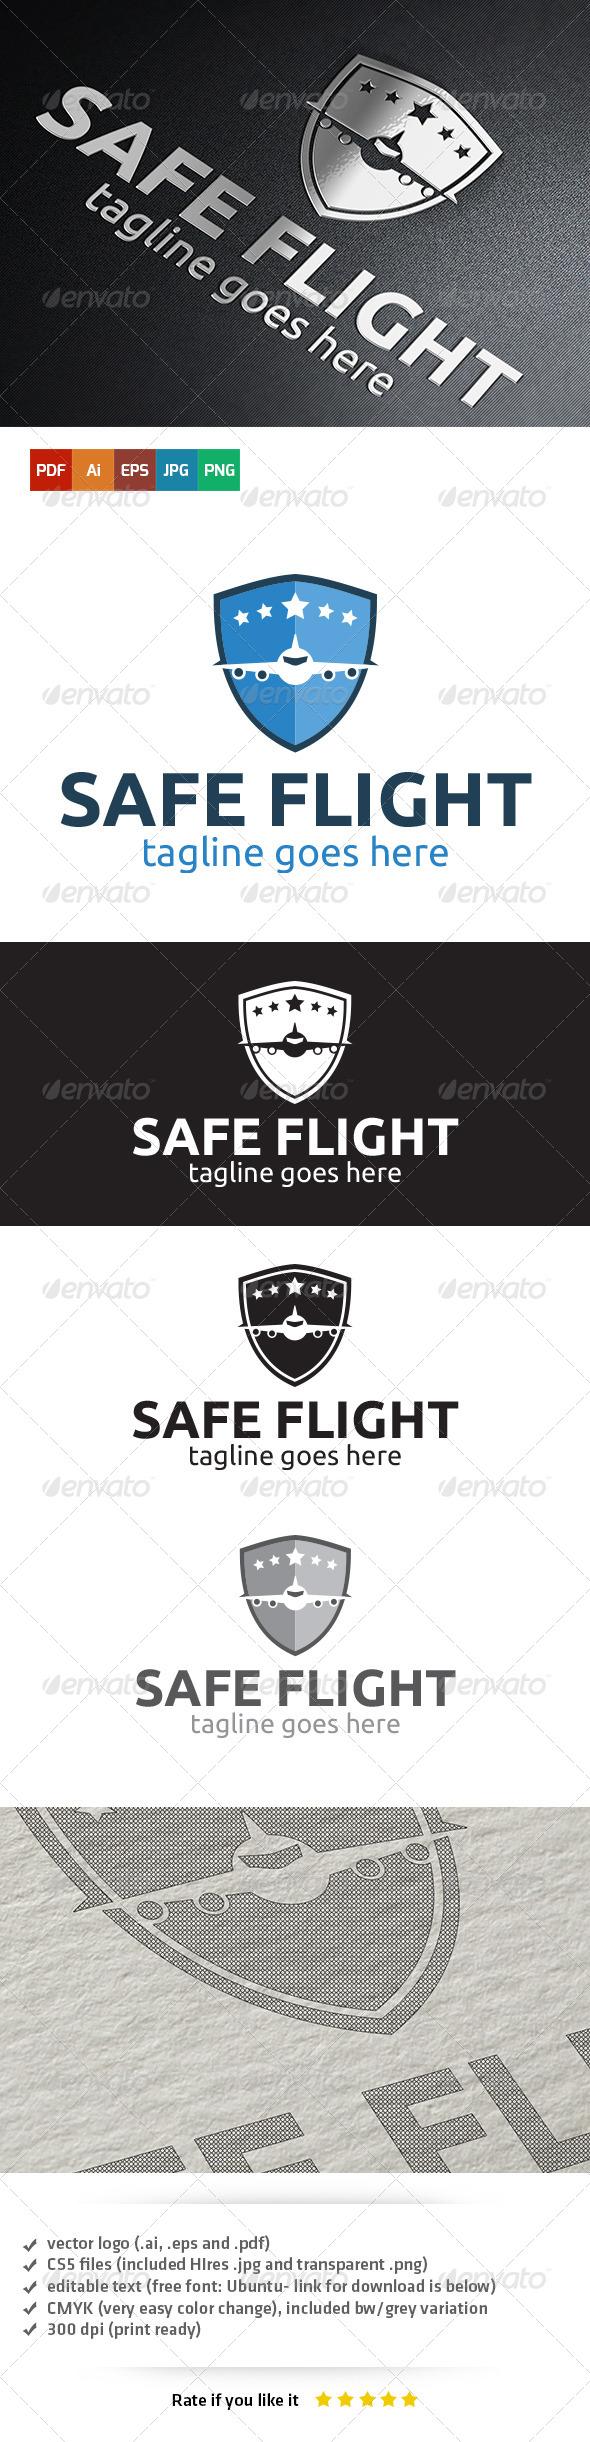 GraphicRiver Safe Flight Logo 5407986